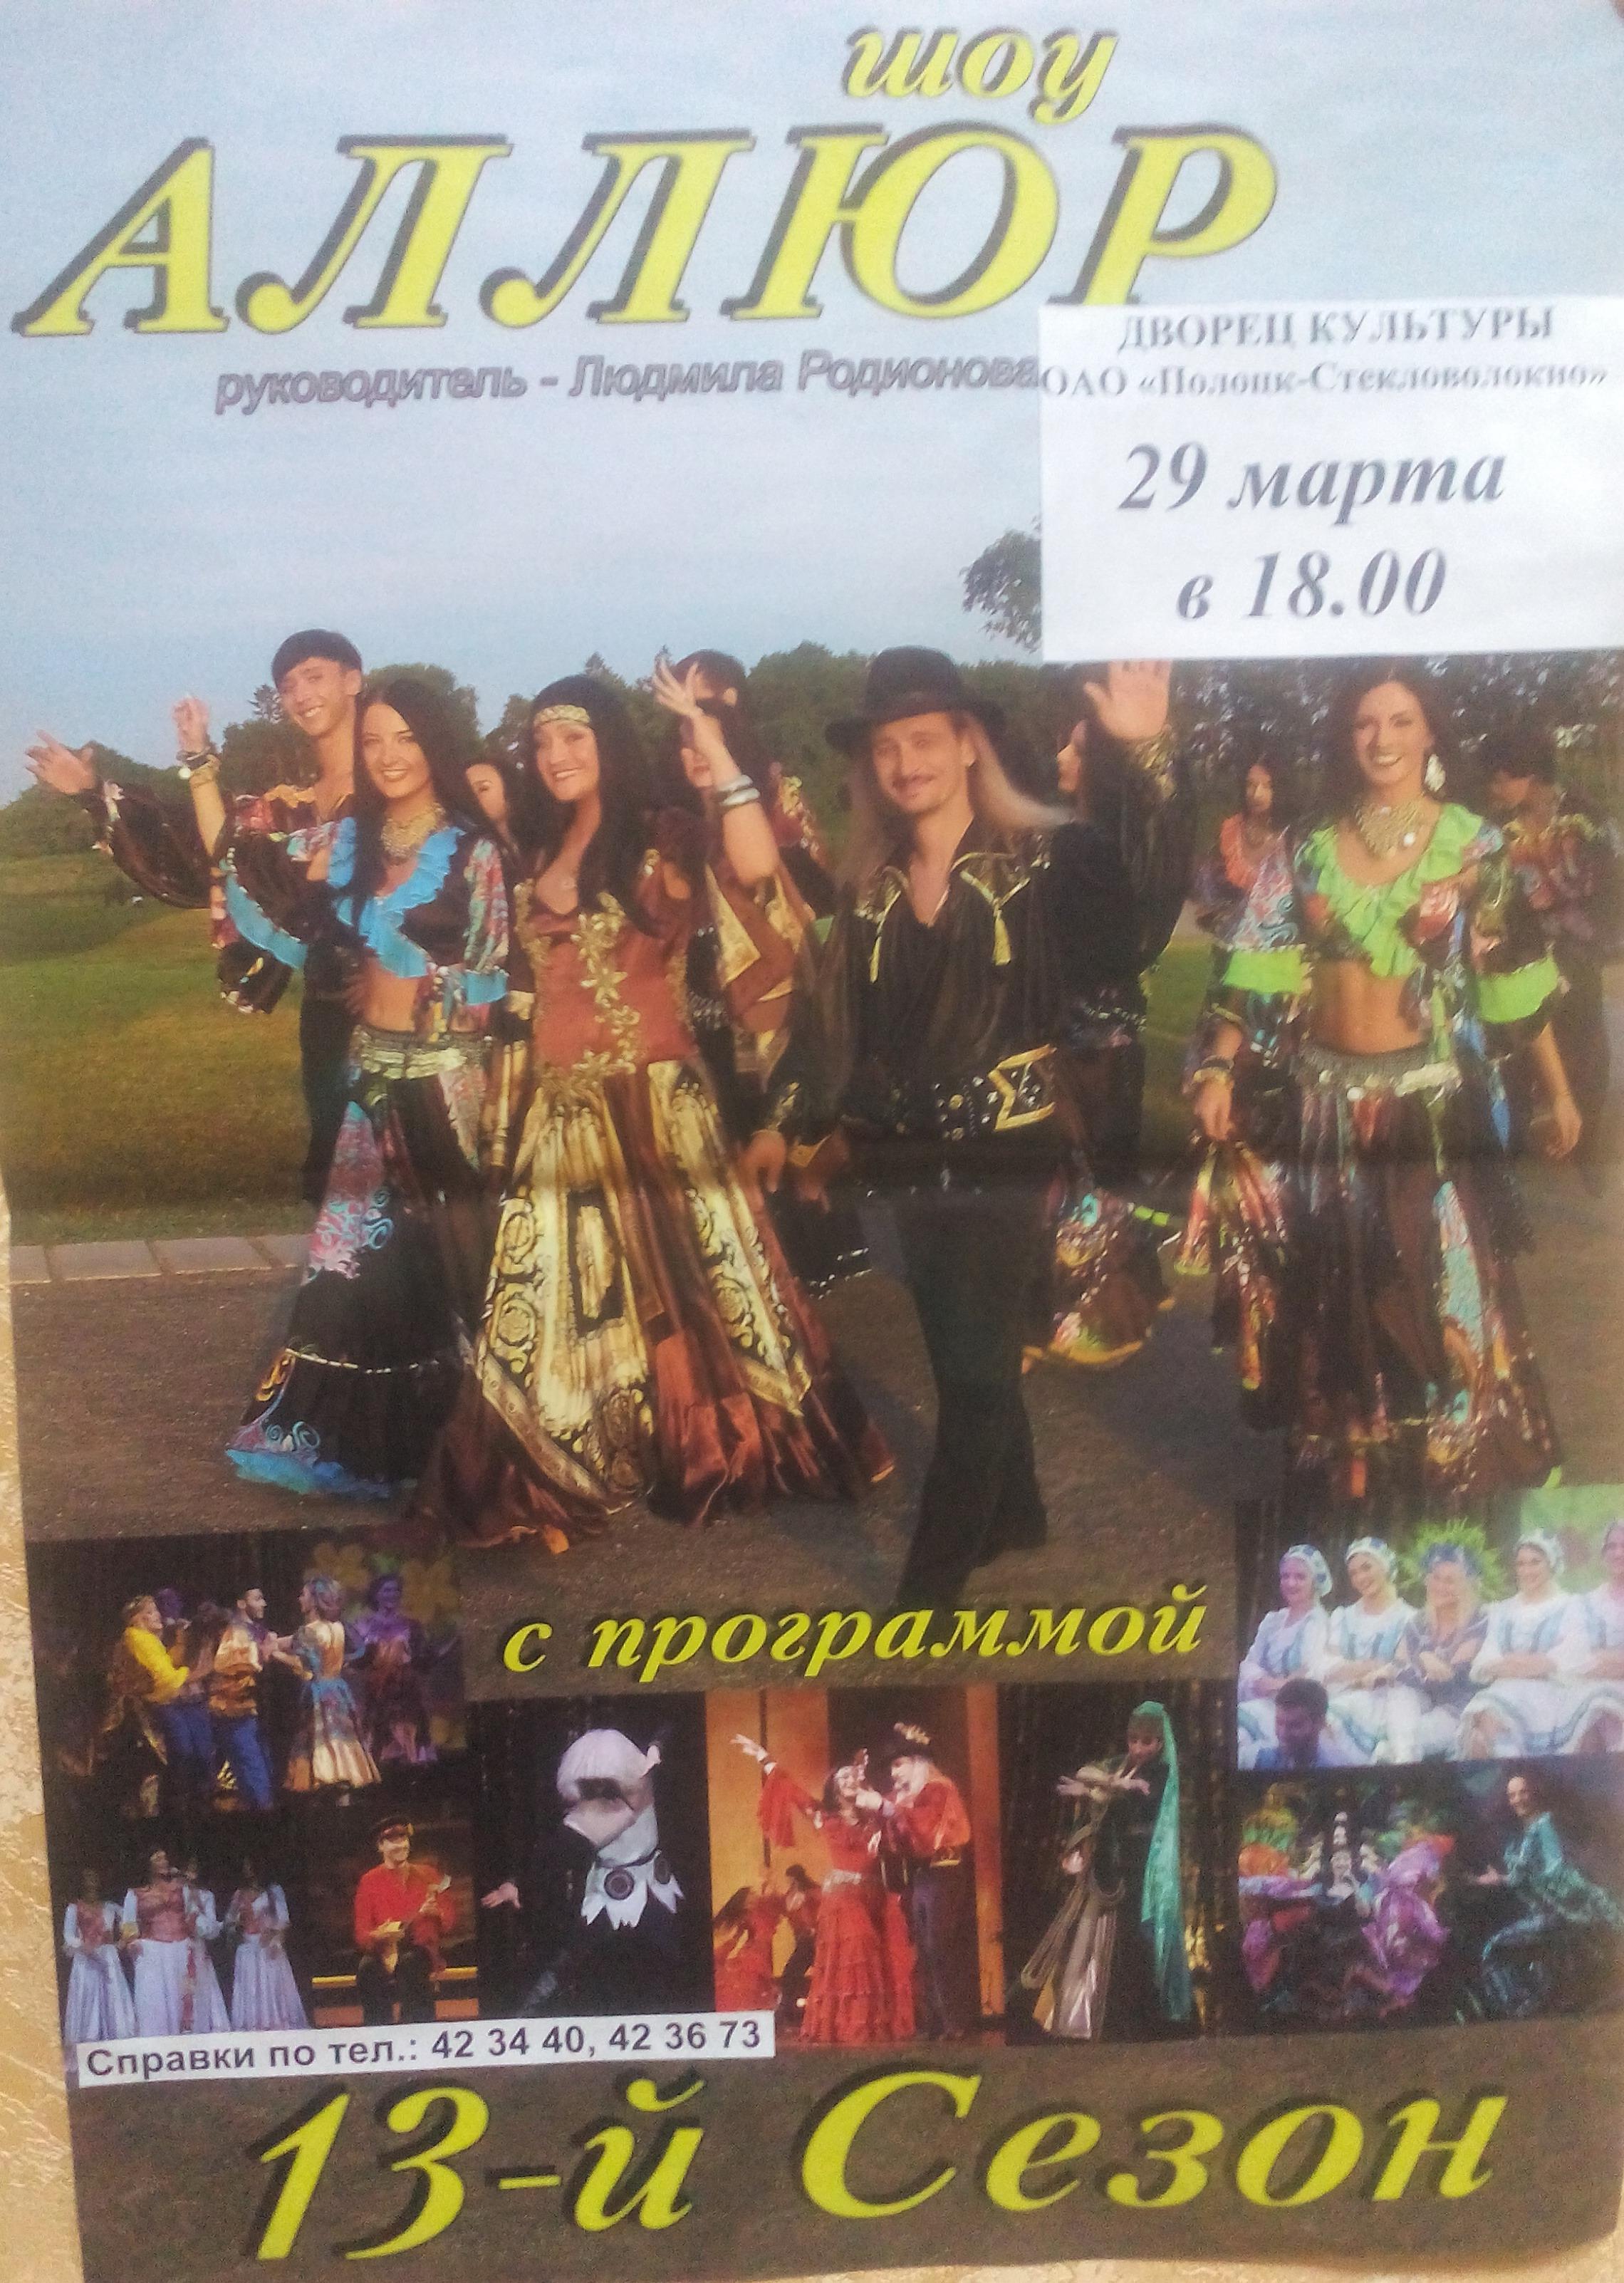 29 марта цыганское шоу «Аллюр» представит новую программу «13 сезон» в Полоцке!